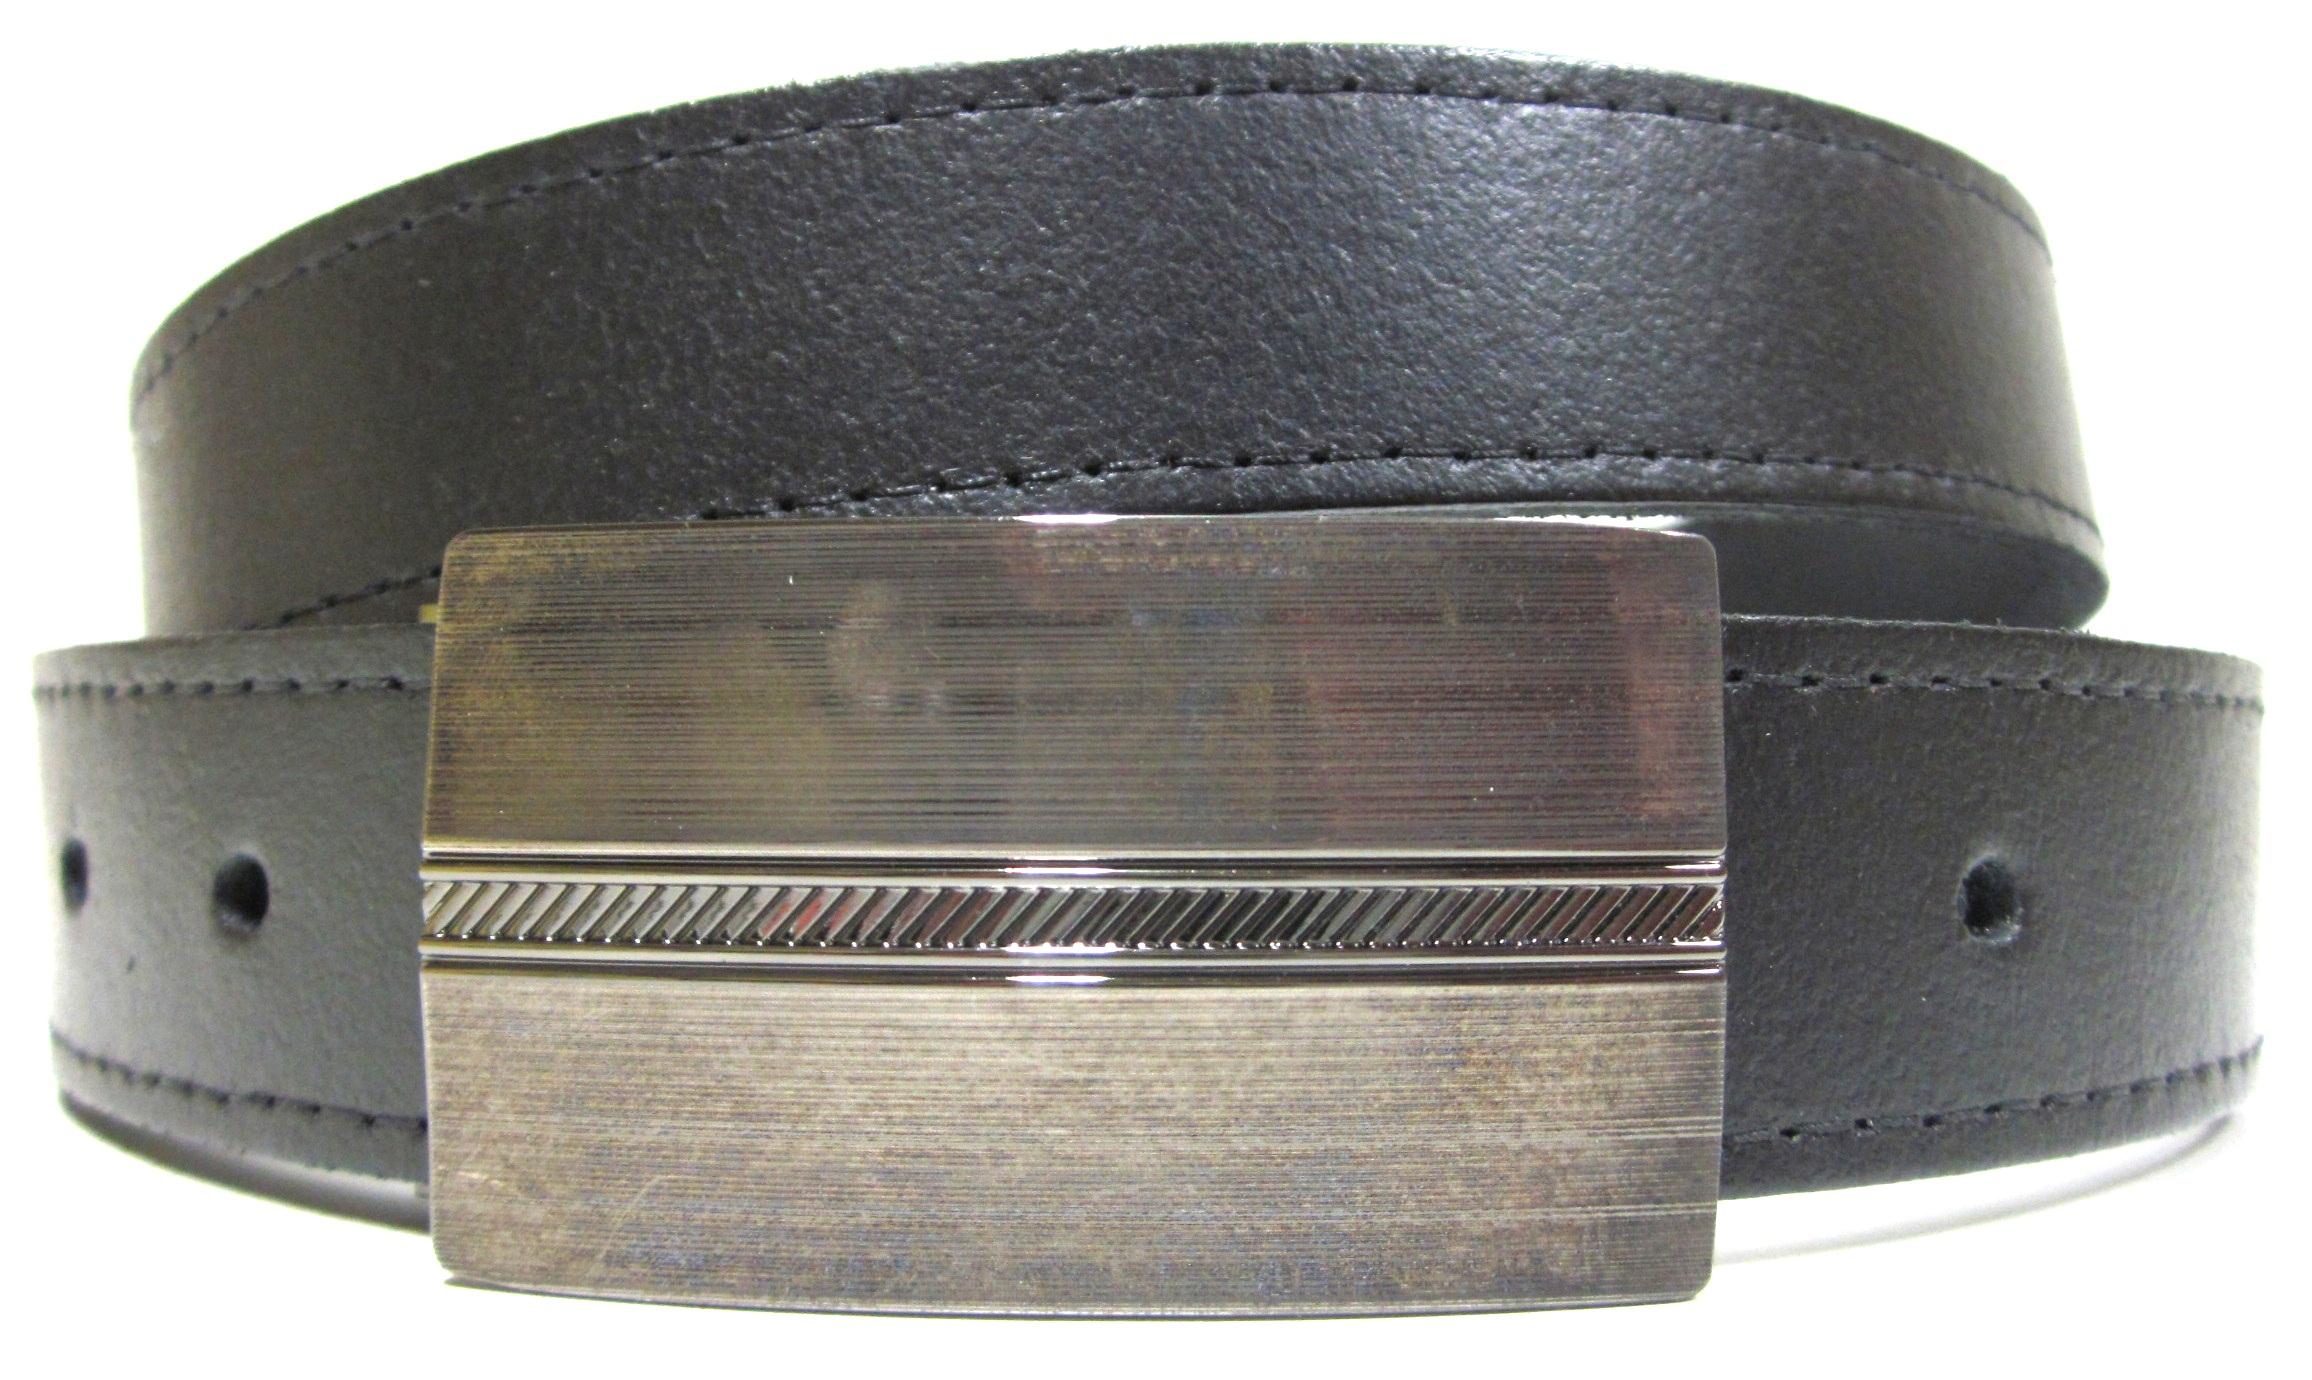 fac291f04 Čierny oblekový opasok pre pánov s plnou prackou úzky kožený